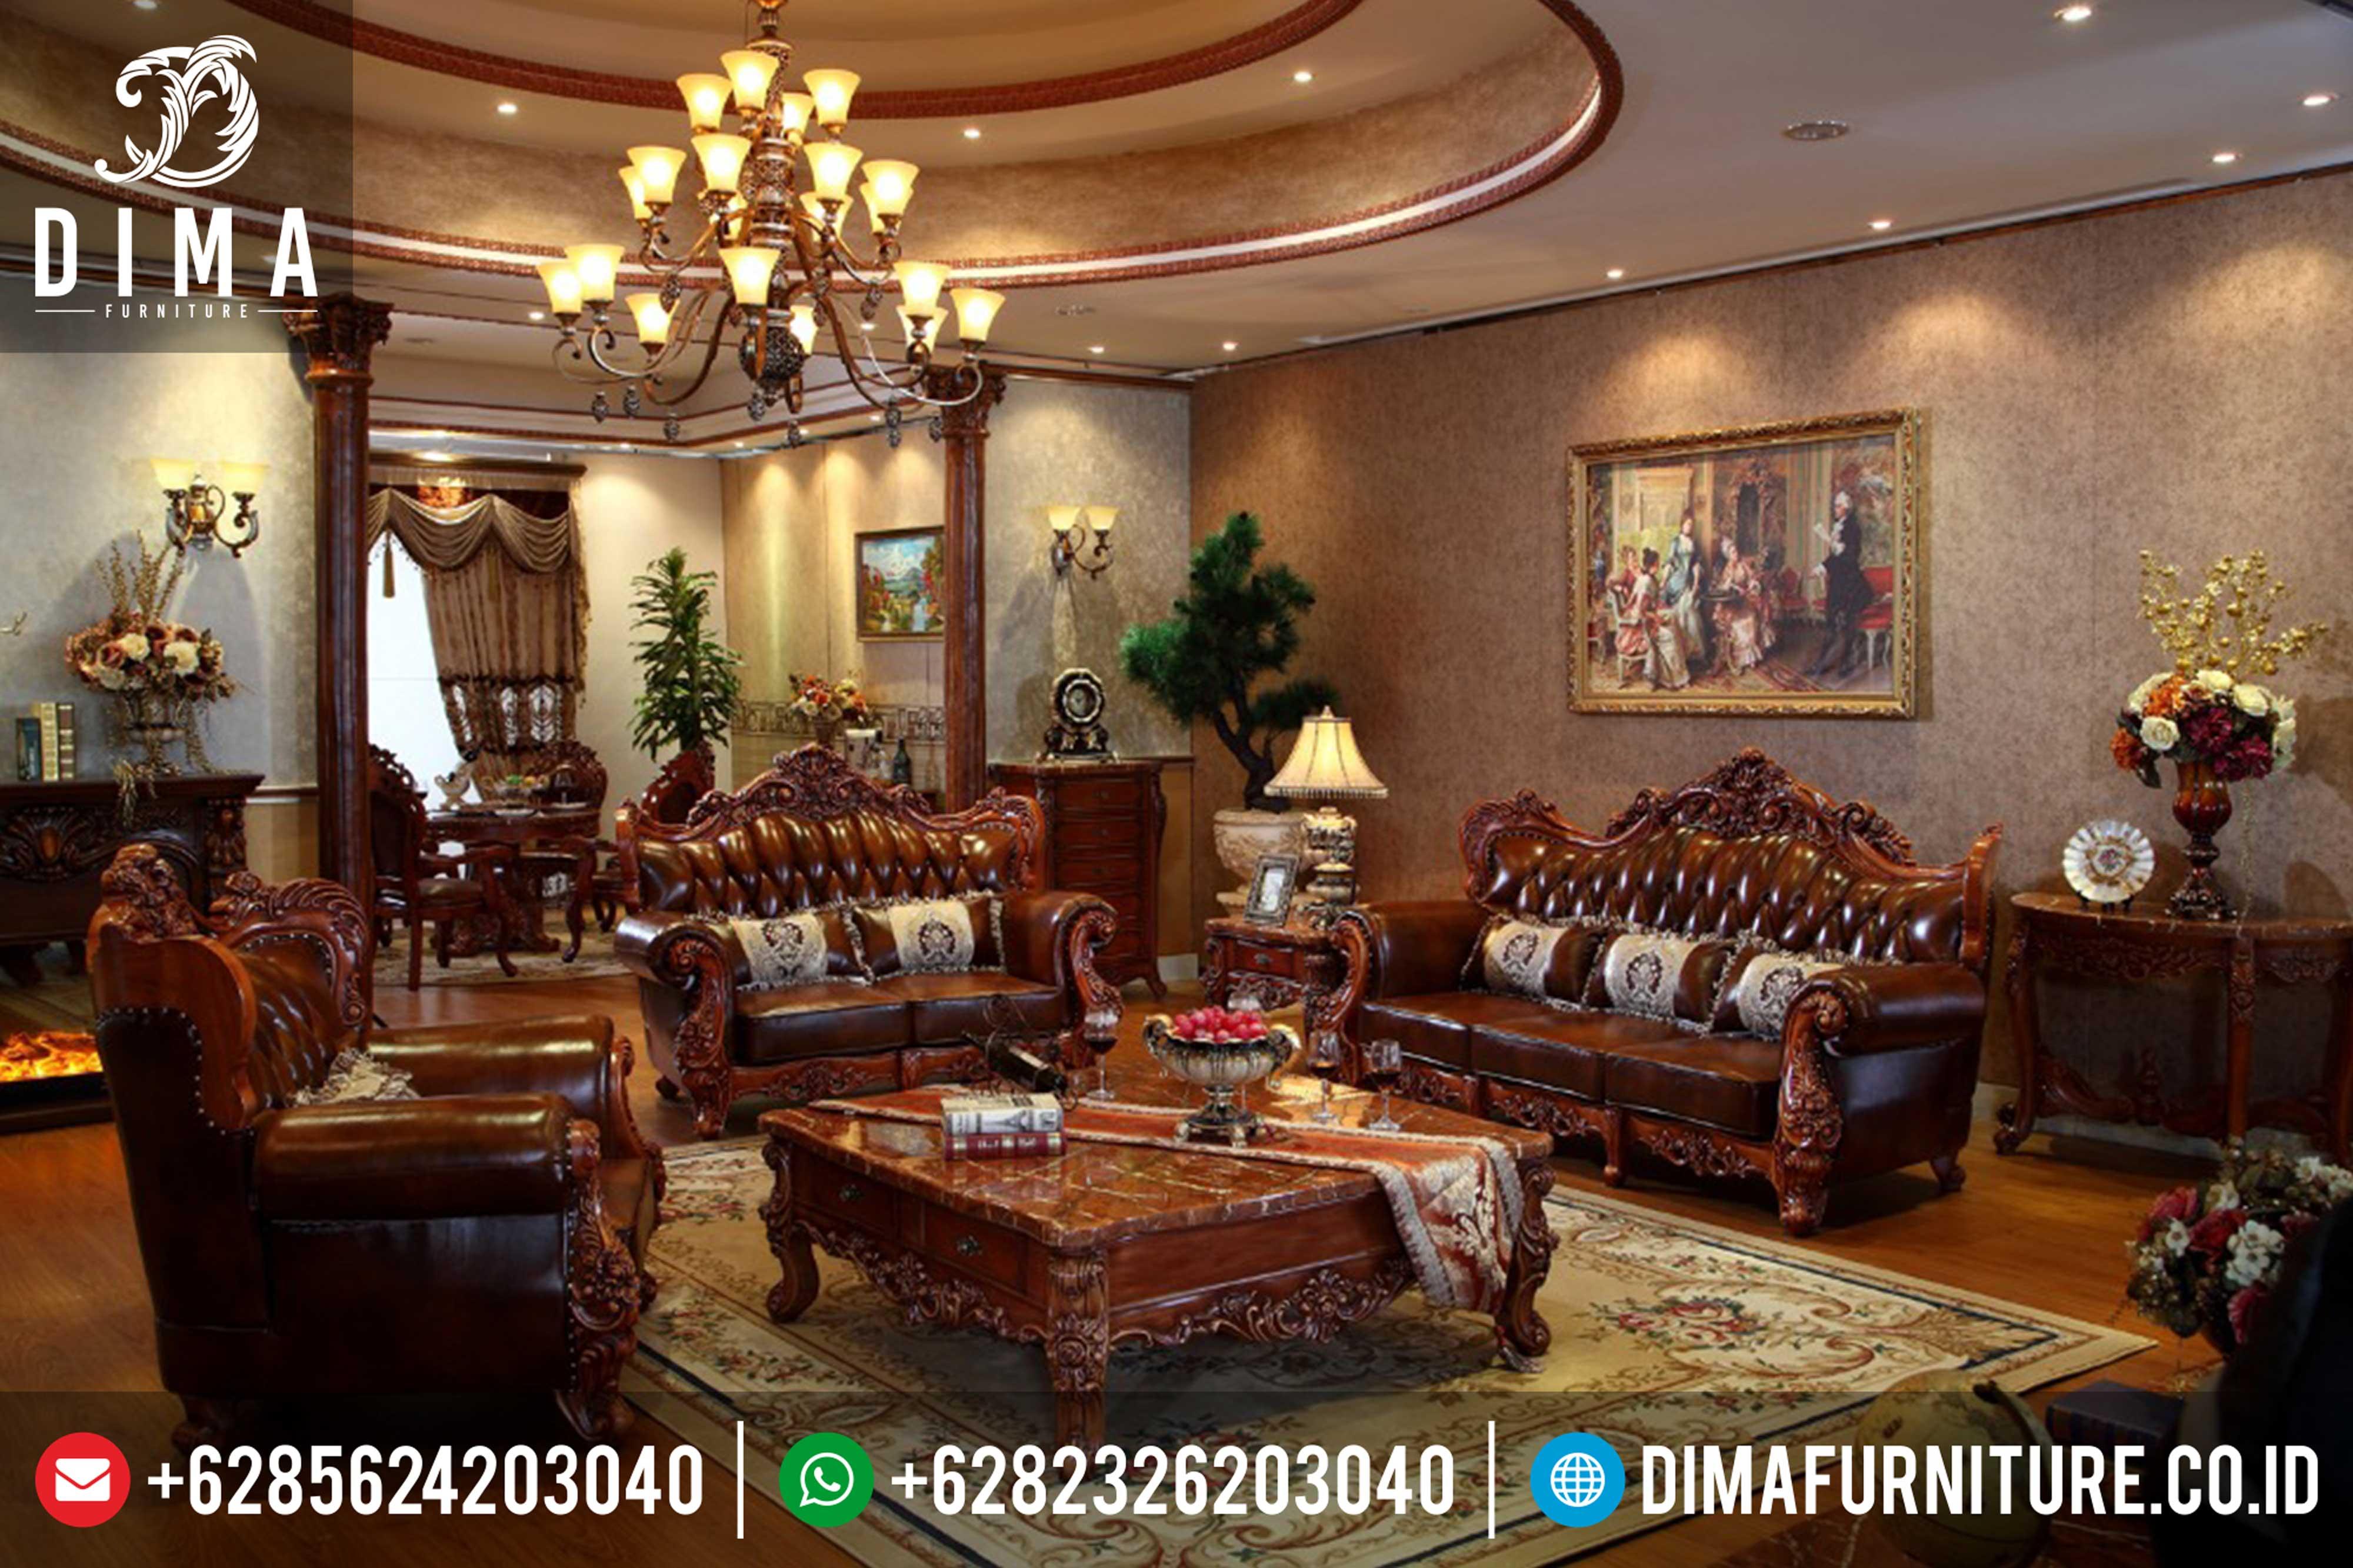 Sofa Tamu Mewah, Kursi Sofa Tamu Jepara, Sofa Ruang Tamu Terbaru DF-0326, Sofa Tamu Jepara, Sofa Tamu Minimalis, Sofa Tamu Minimalis Modern, Sofa Tamu Minimalis Terbaru, Sofa Tamu Minimalis Modern Terbaru, Sofa Tamu Mewah, Sofa Mewah Ruang Tamu, Sofa Mewah Untuk Ruang Tamu, Sofa Ruang Tamu Mewah, Sofa Tamu Minimalis Mewah, Model Sofa Tamu Jepara, Kursi Sofa Tamu Mewah, Harga Sofa Tamu Mewah, Set Sofa Tamu Terbaru, Set Sofa Tamu Jati Jepara, Mebel Jepara Terbaru, Gambar Sofa Tamu Mewah, Model Sofa Tamu Mewah, Set Sofa Tamu Mewah, Sofa Tamu Minimalis Mewah, Sofa Tamu Minimalis 2017, Sofa Tamu Minimalis Murah, Sofa Ruang Tamu Jepara, Harga Sofa Tamu Jepara.